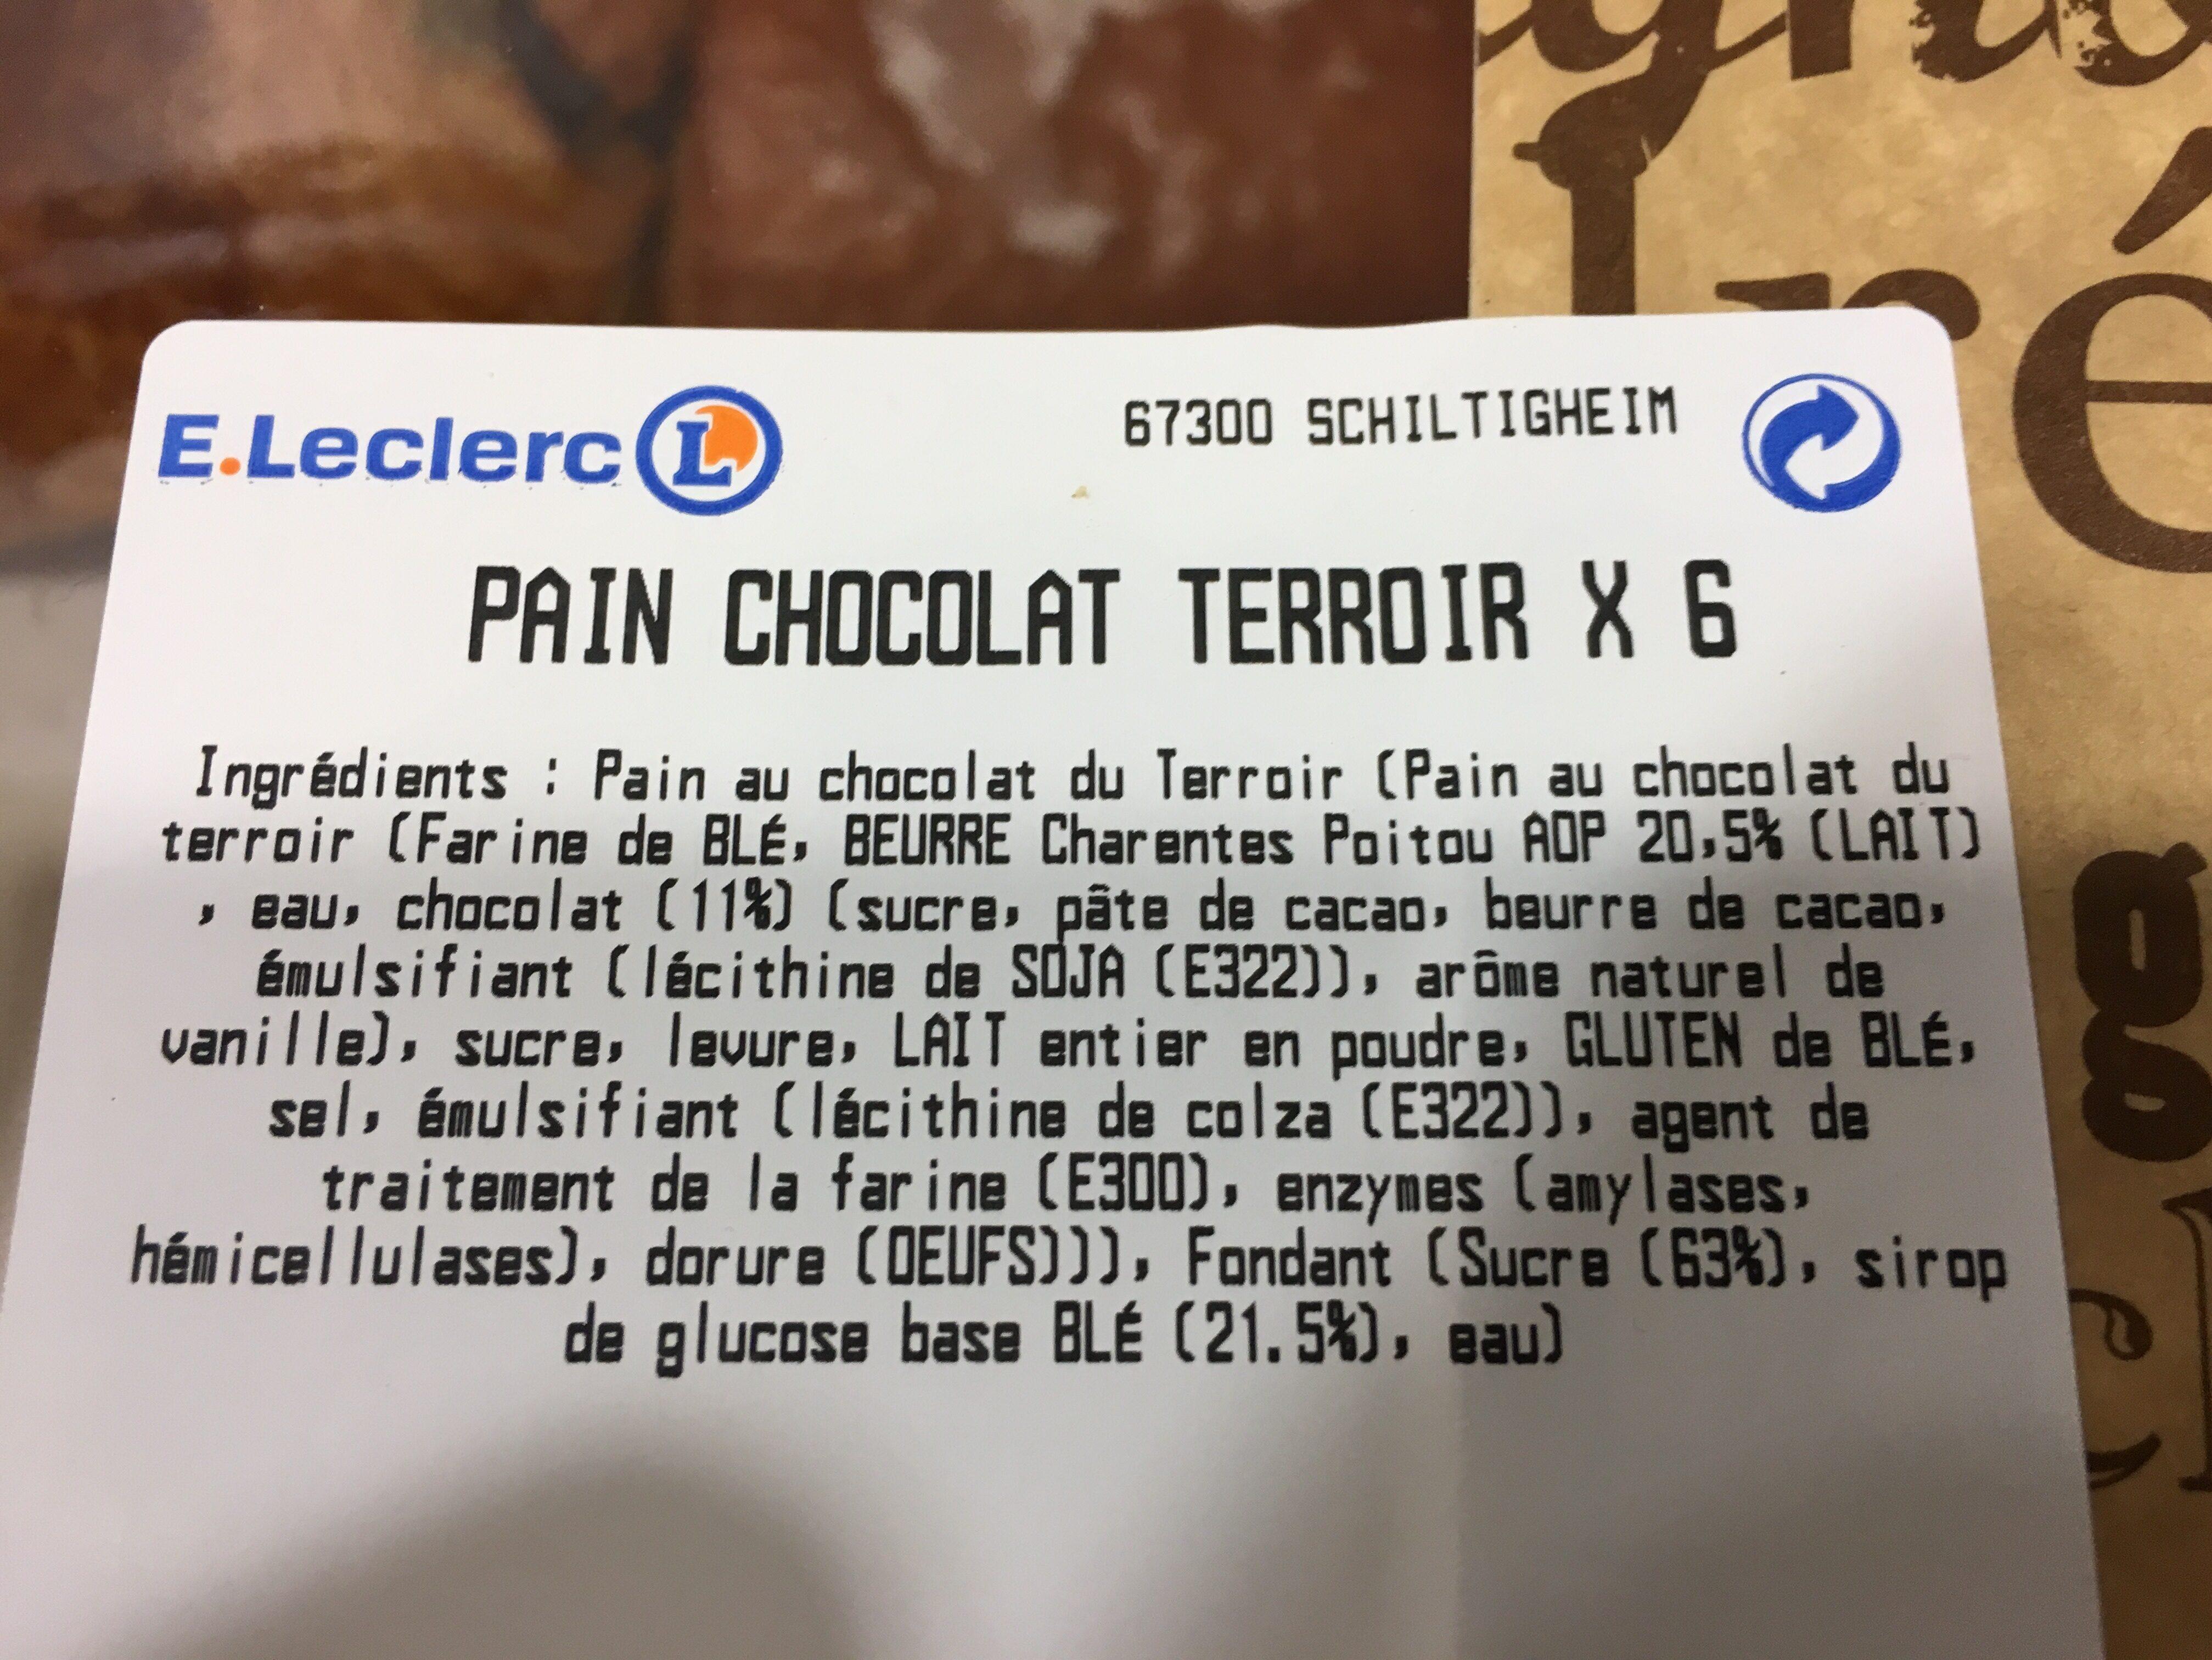 Pain au chocolat leclerc - Ingredients